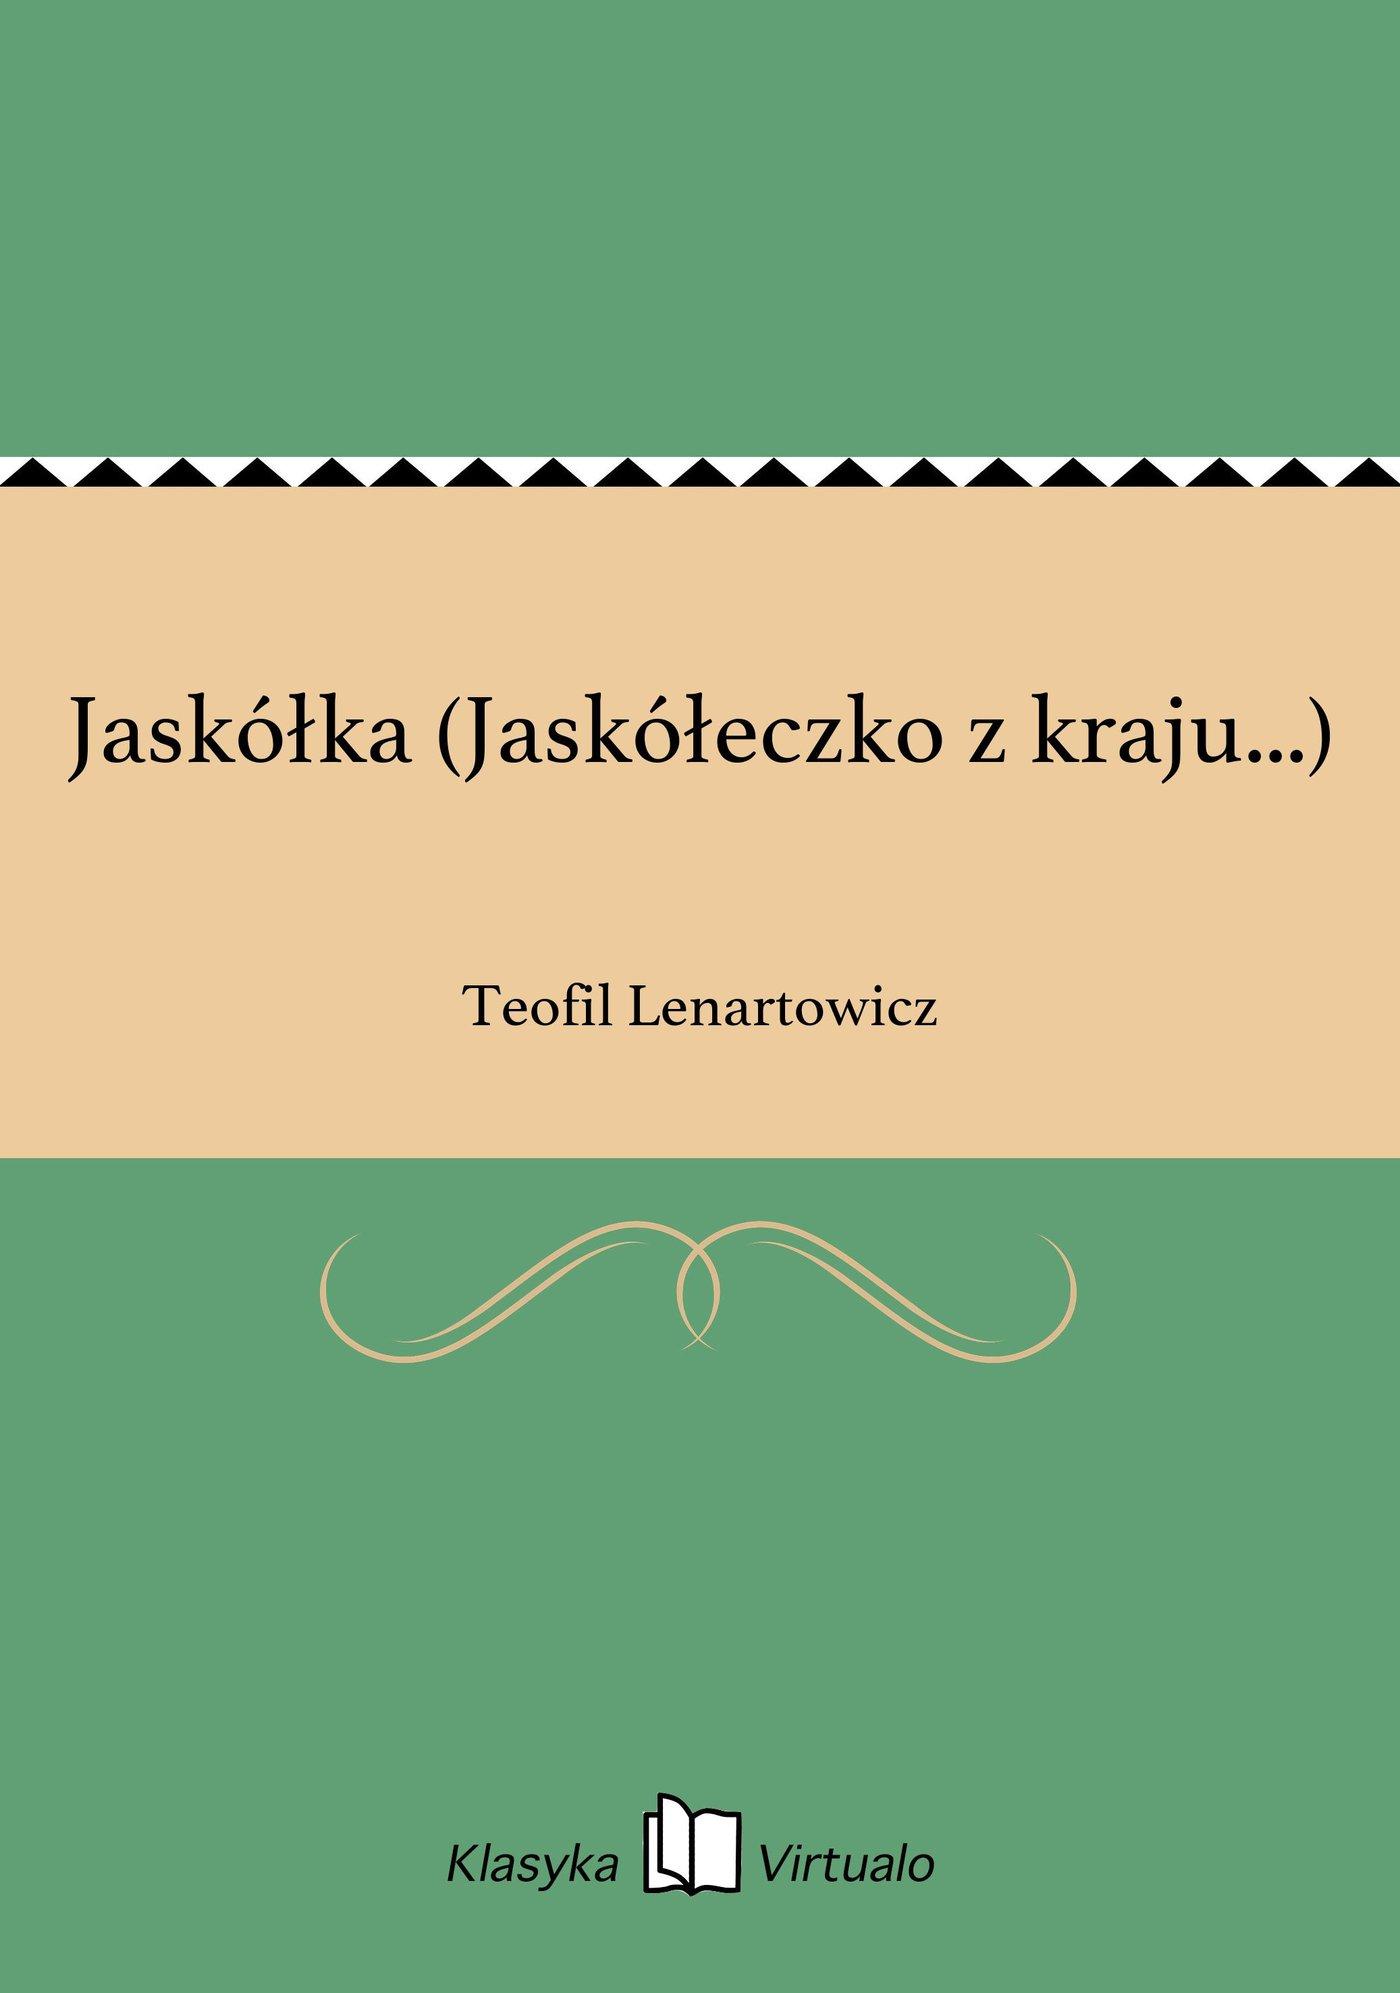 Jaskółka (Jaskółeczko z kraju...) - Ebook (Książka EPUB) do pobrania w formacie EPUB